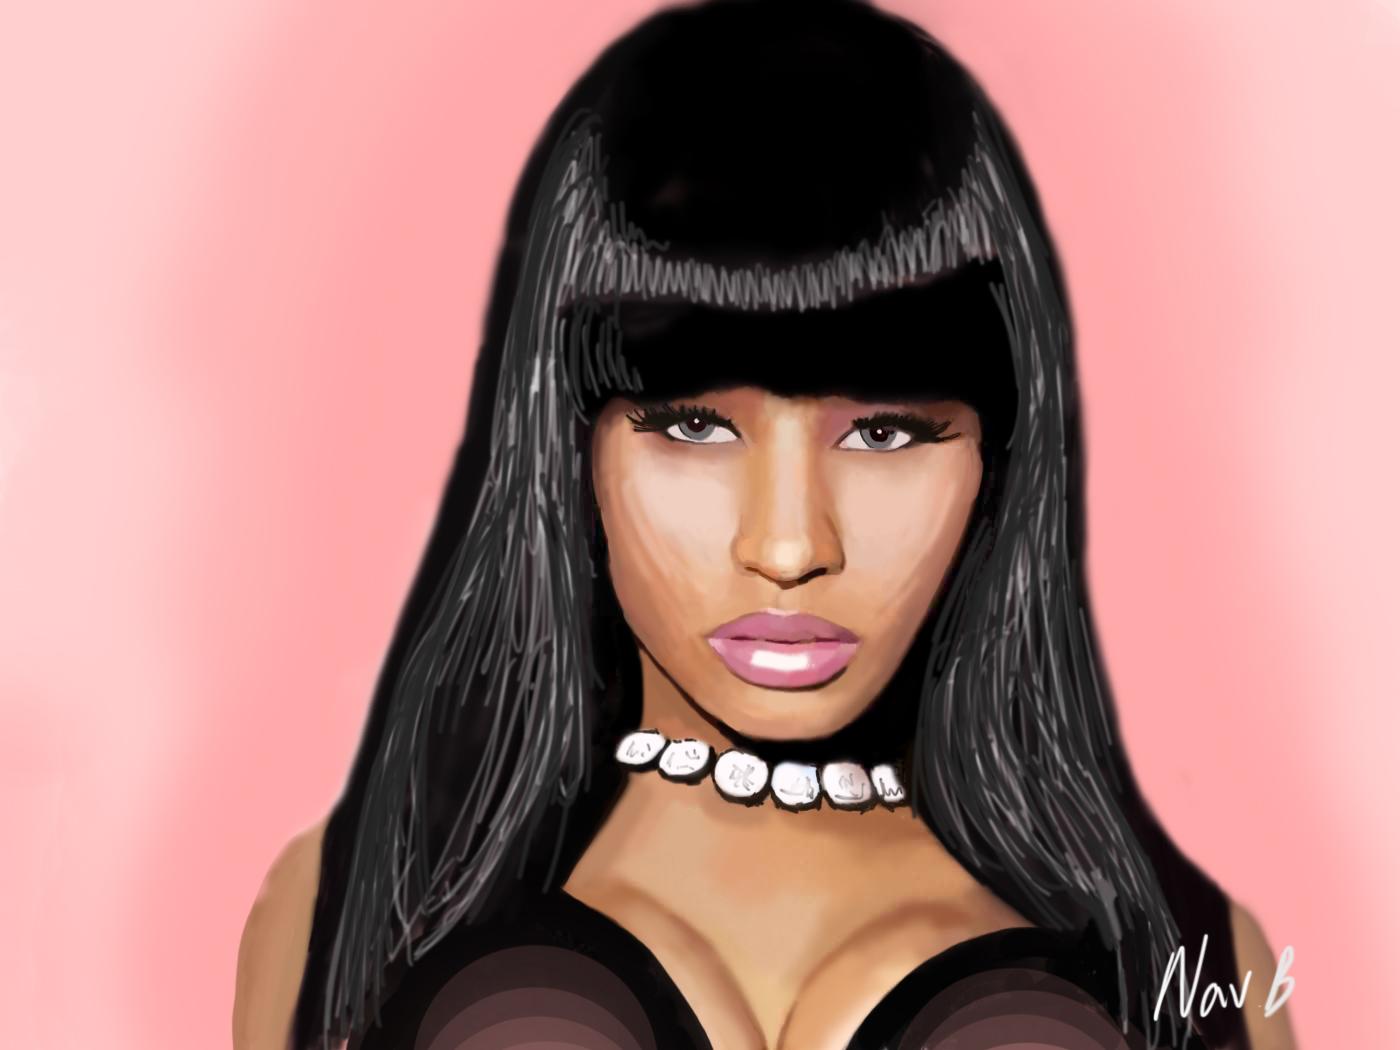 http://3.bp.blogspot.com/-zyzfhidrhto/UMduxbuaivI/AAAAAAAAABg/_1bBaPoqVmU/s1600/Nicki-Minaj%20sketch.jpg#nicki%20minaj%201400x1050